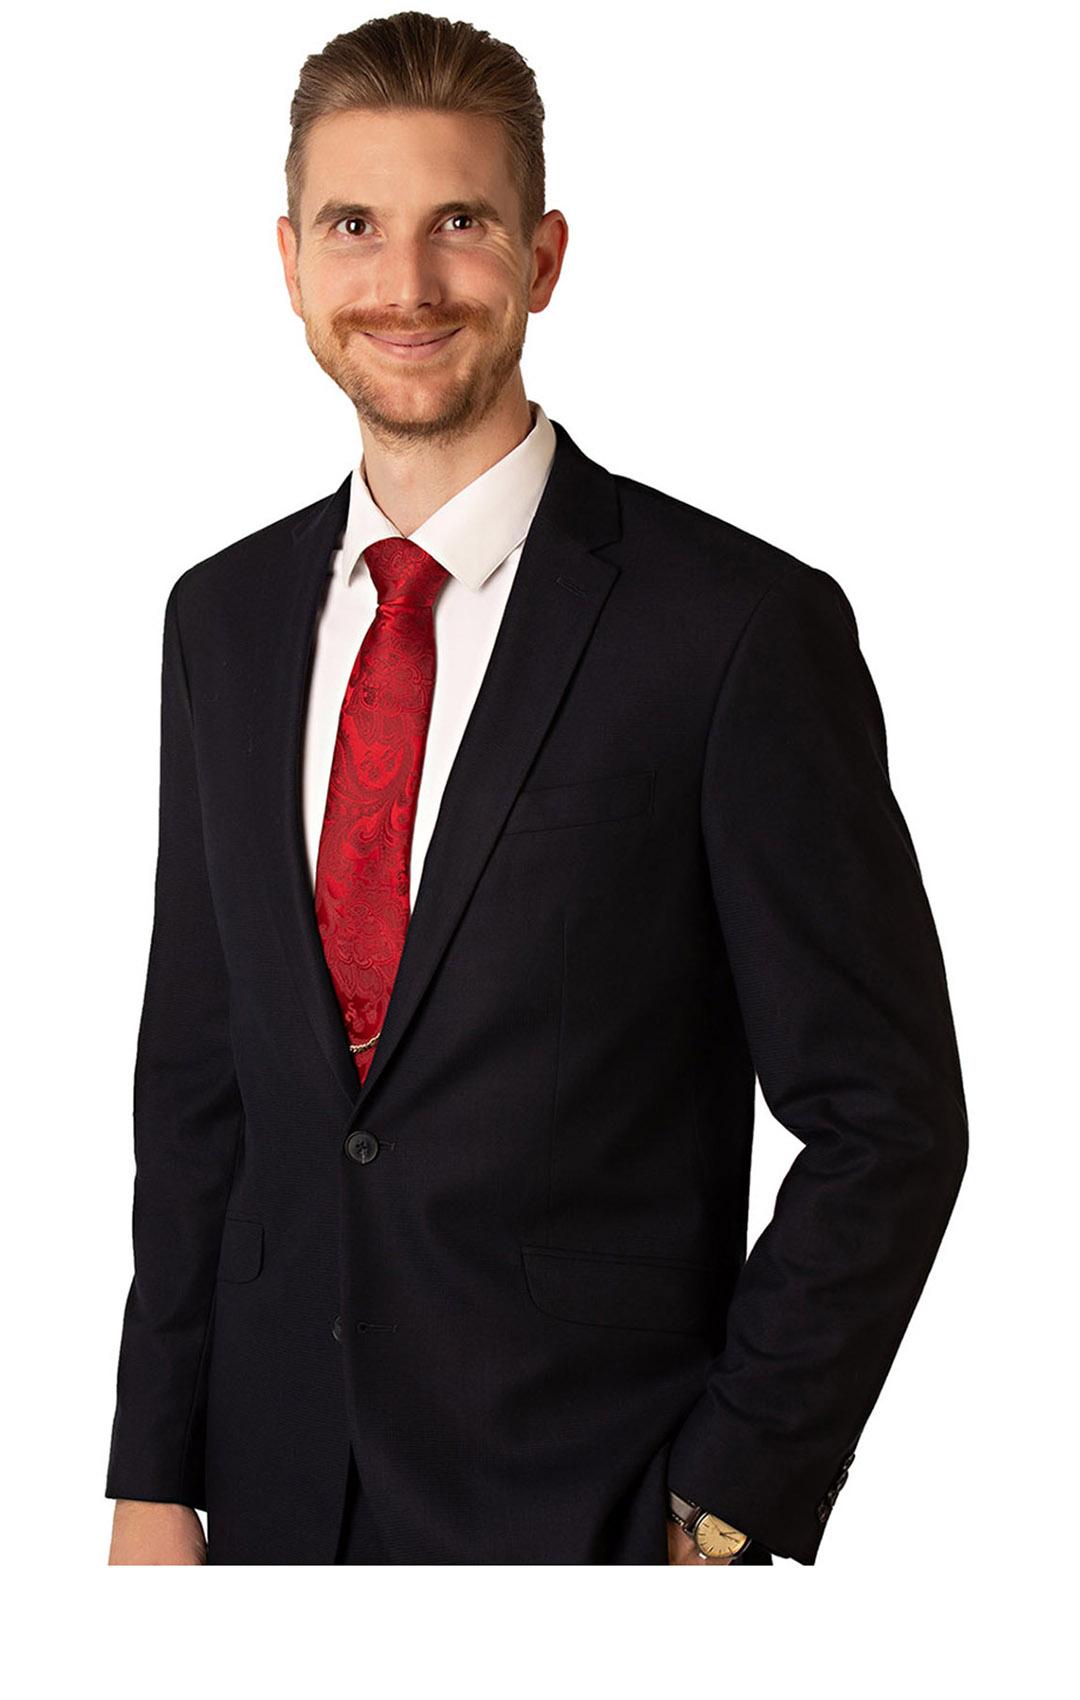 Joshua Brian